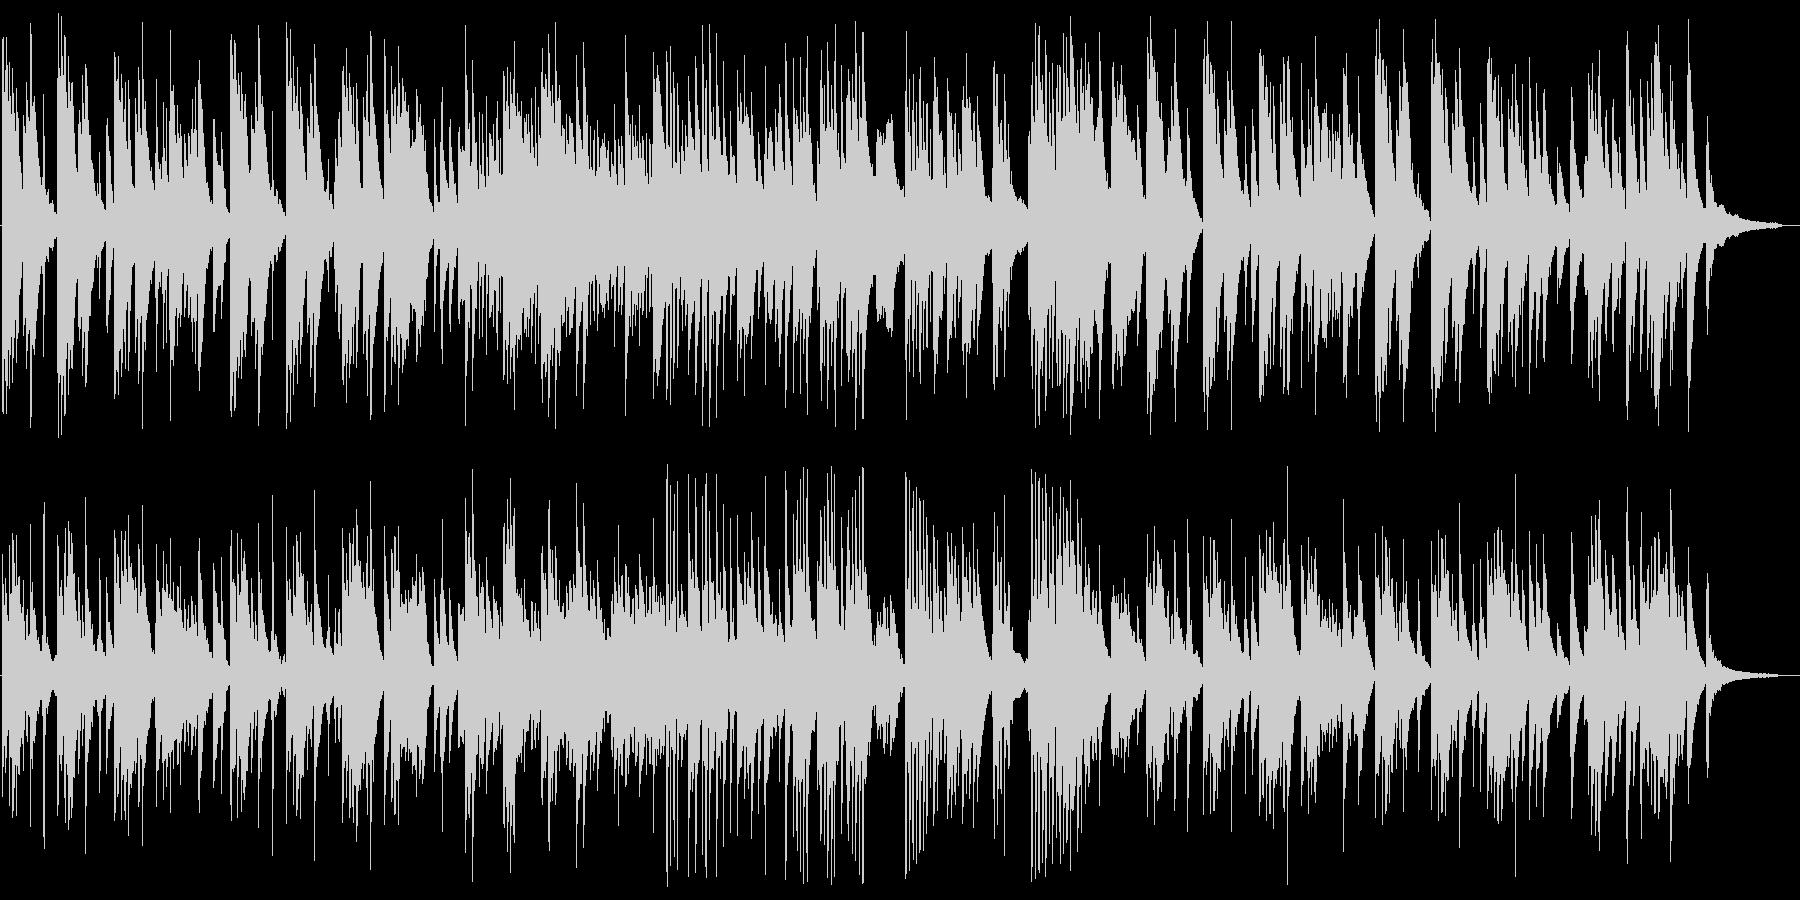 しっとりとメローなピアノサウンドの未再生の波形